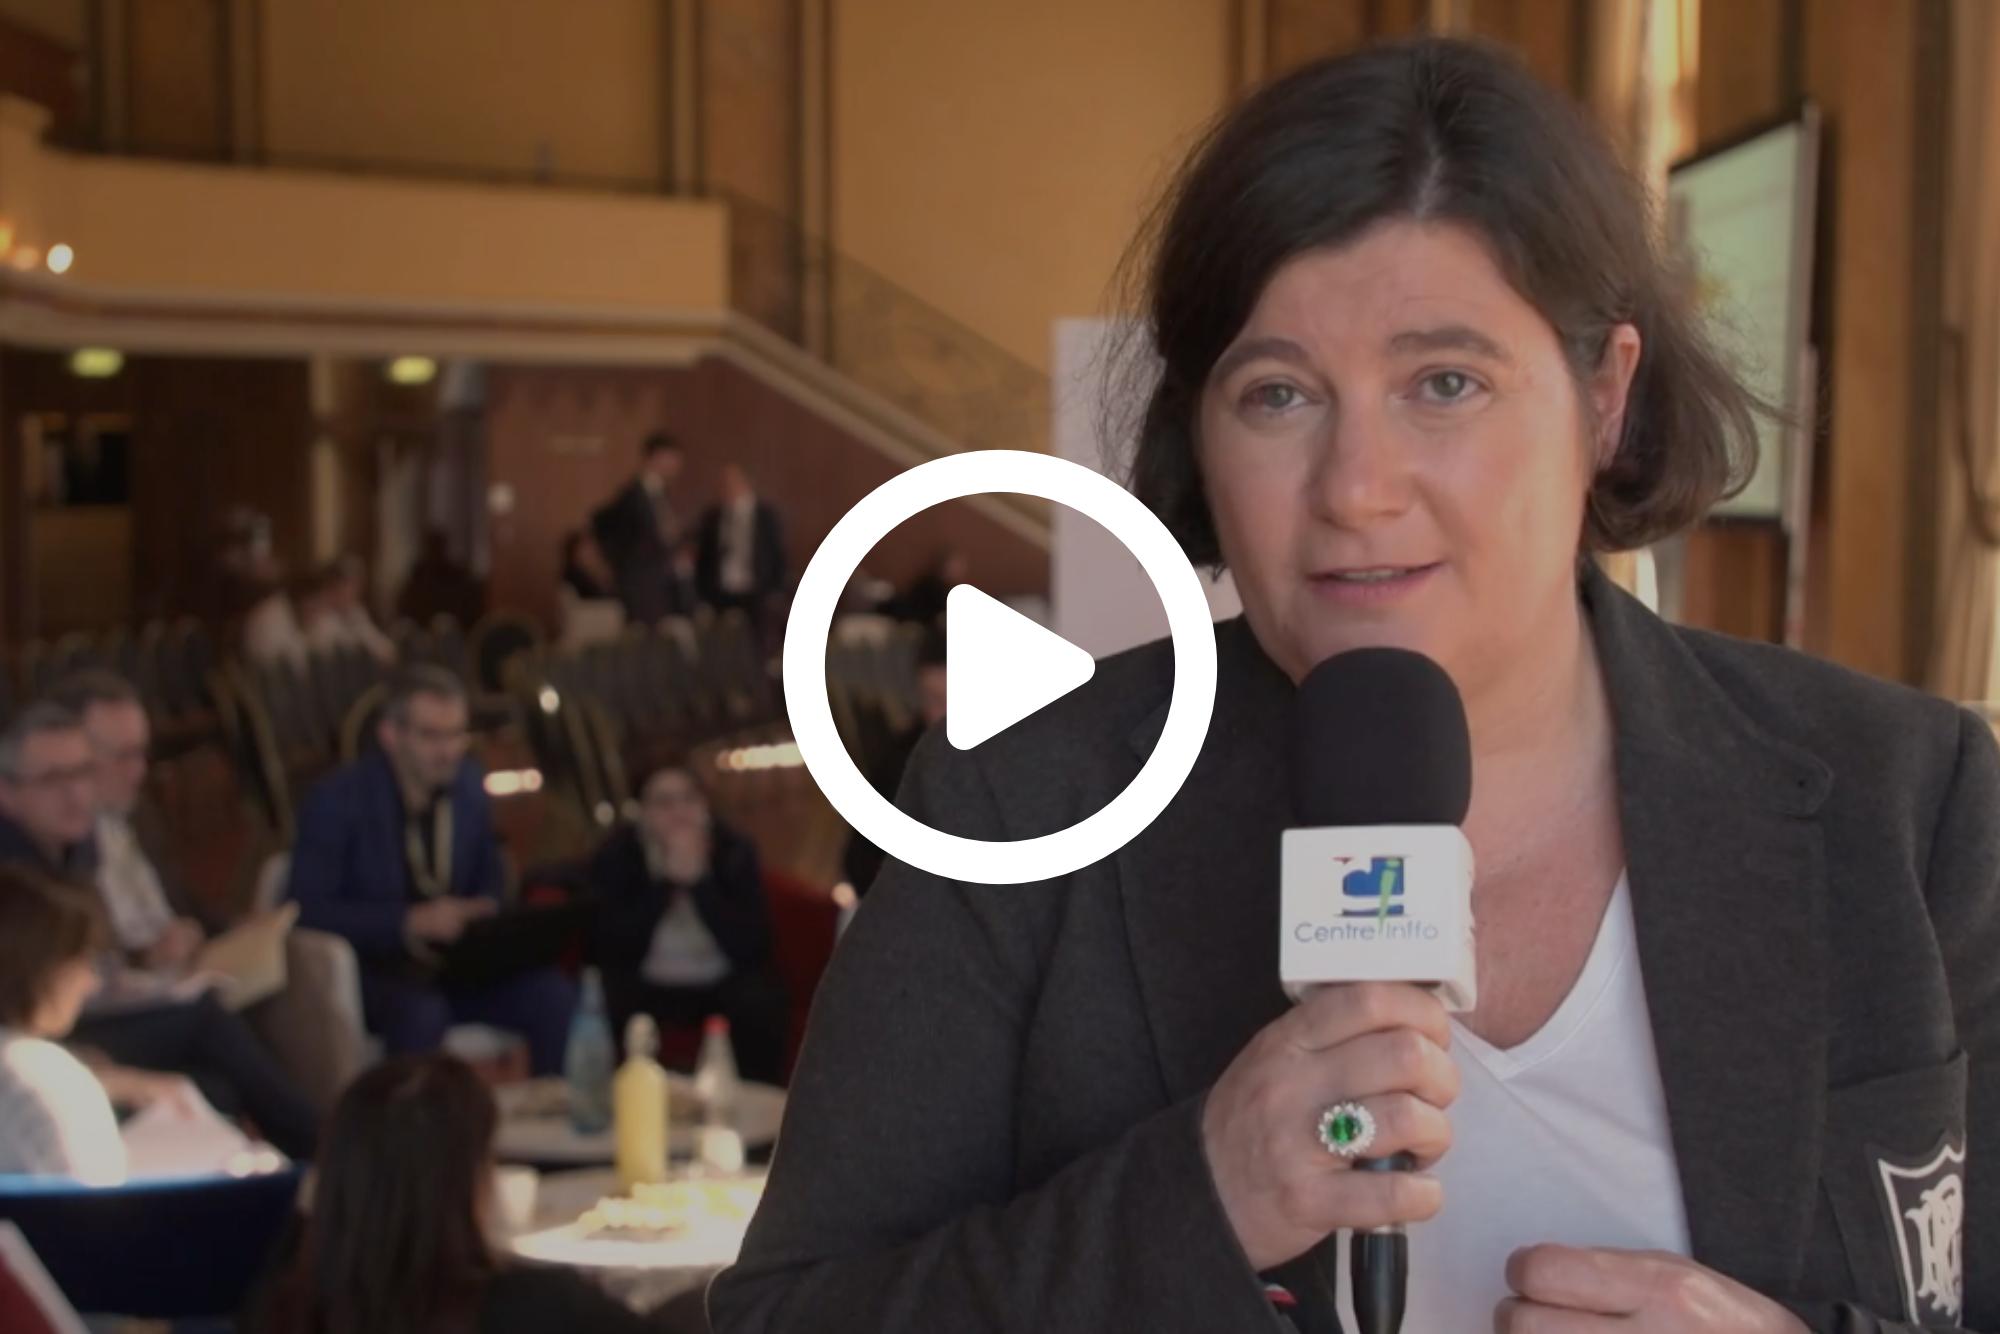 Marie Morel, Directrice générale adjointe, Pôle Formation professionnelle et apprentissage, Conseil régional d'Ile-de-France